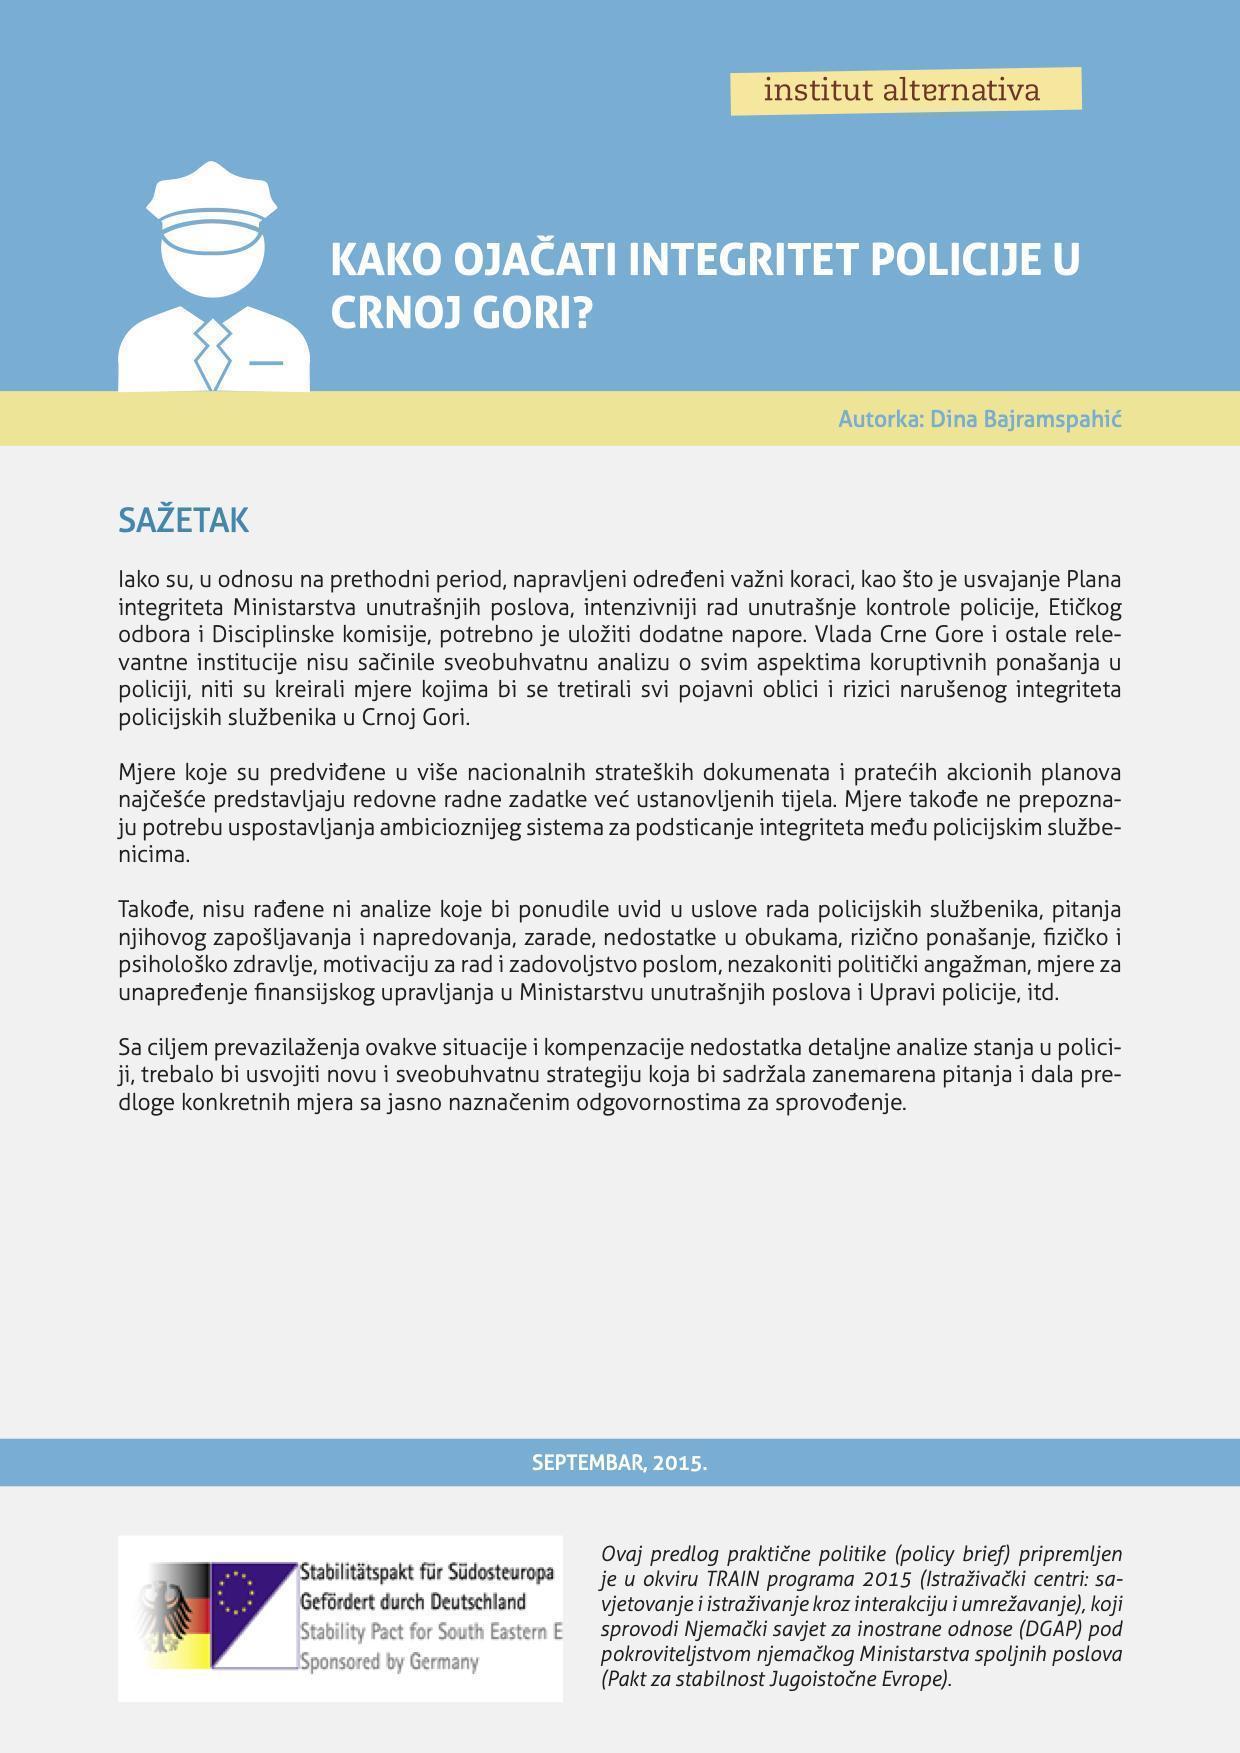 Kako ojacati integritet policije u Crnoj Gori